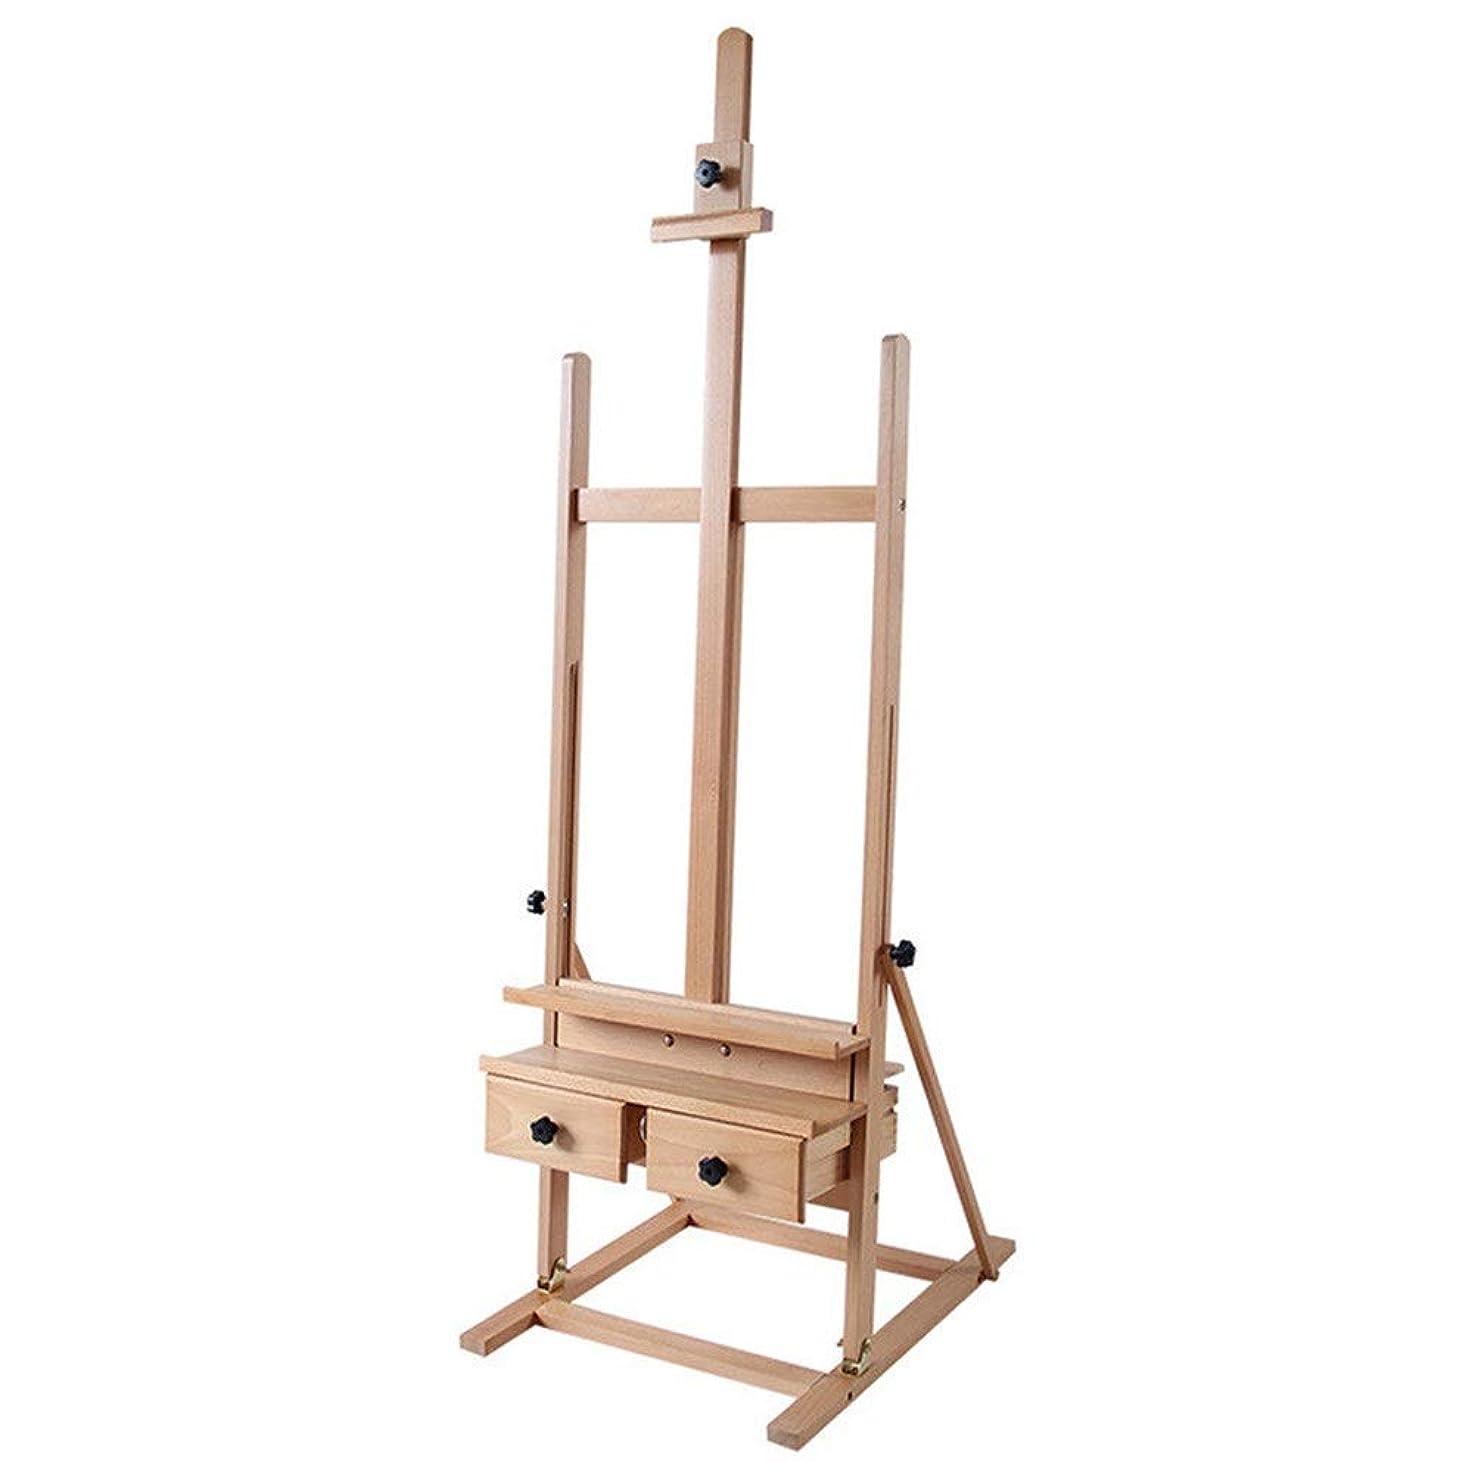 ランクタップ走る多機能 イーゼル ポータブルスケッチ描画のための木製イーゼルアーティストや絵画引き出し絵画と表示イーゼル 写真展示 絵画飾る (Color : Natural, Size : As picture)